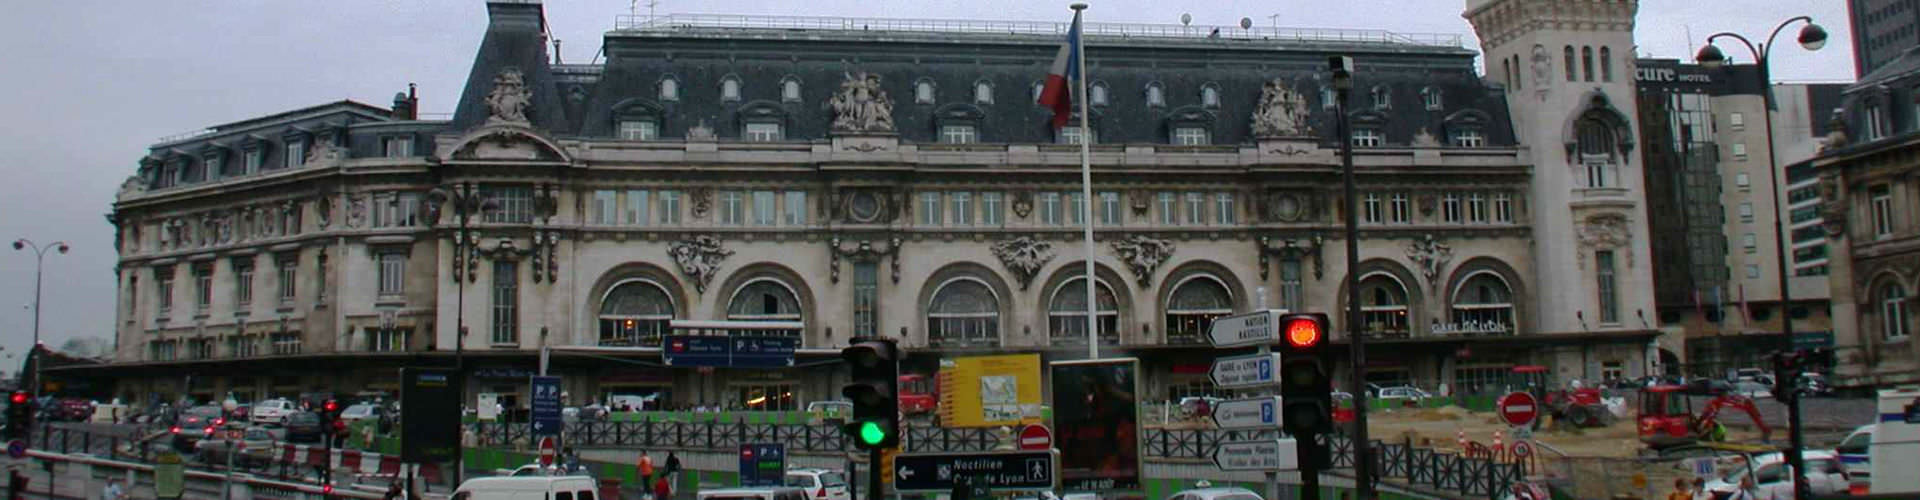 巴黎 – 里昂火车站附近的青年旅舍。巴黎地图,巴黎每家青年旅舍的照片和评价。